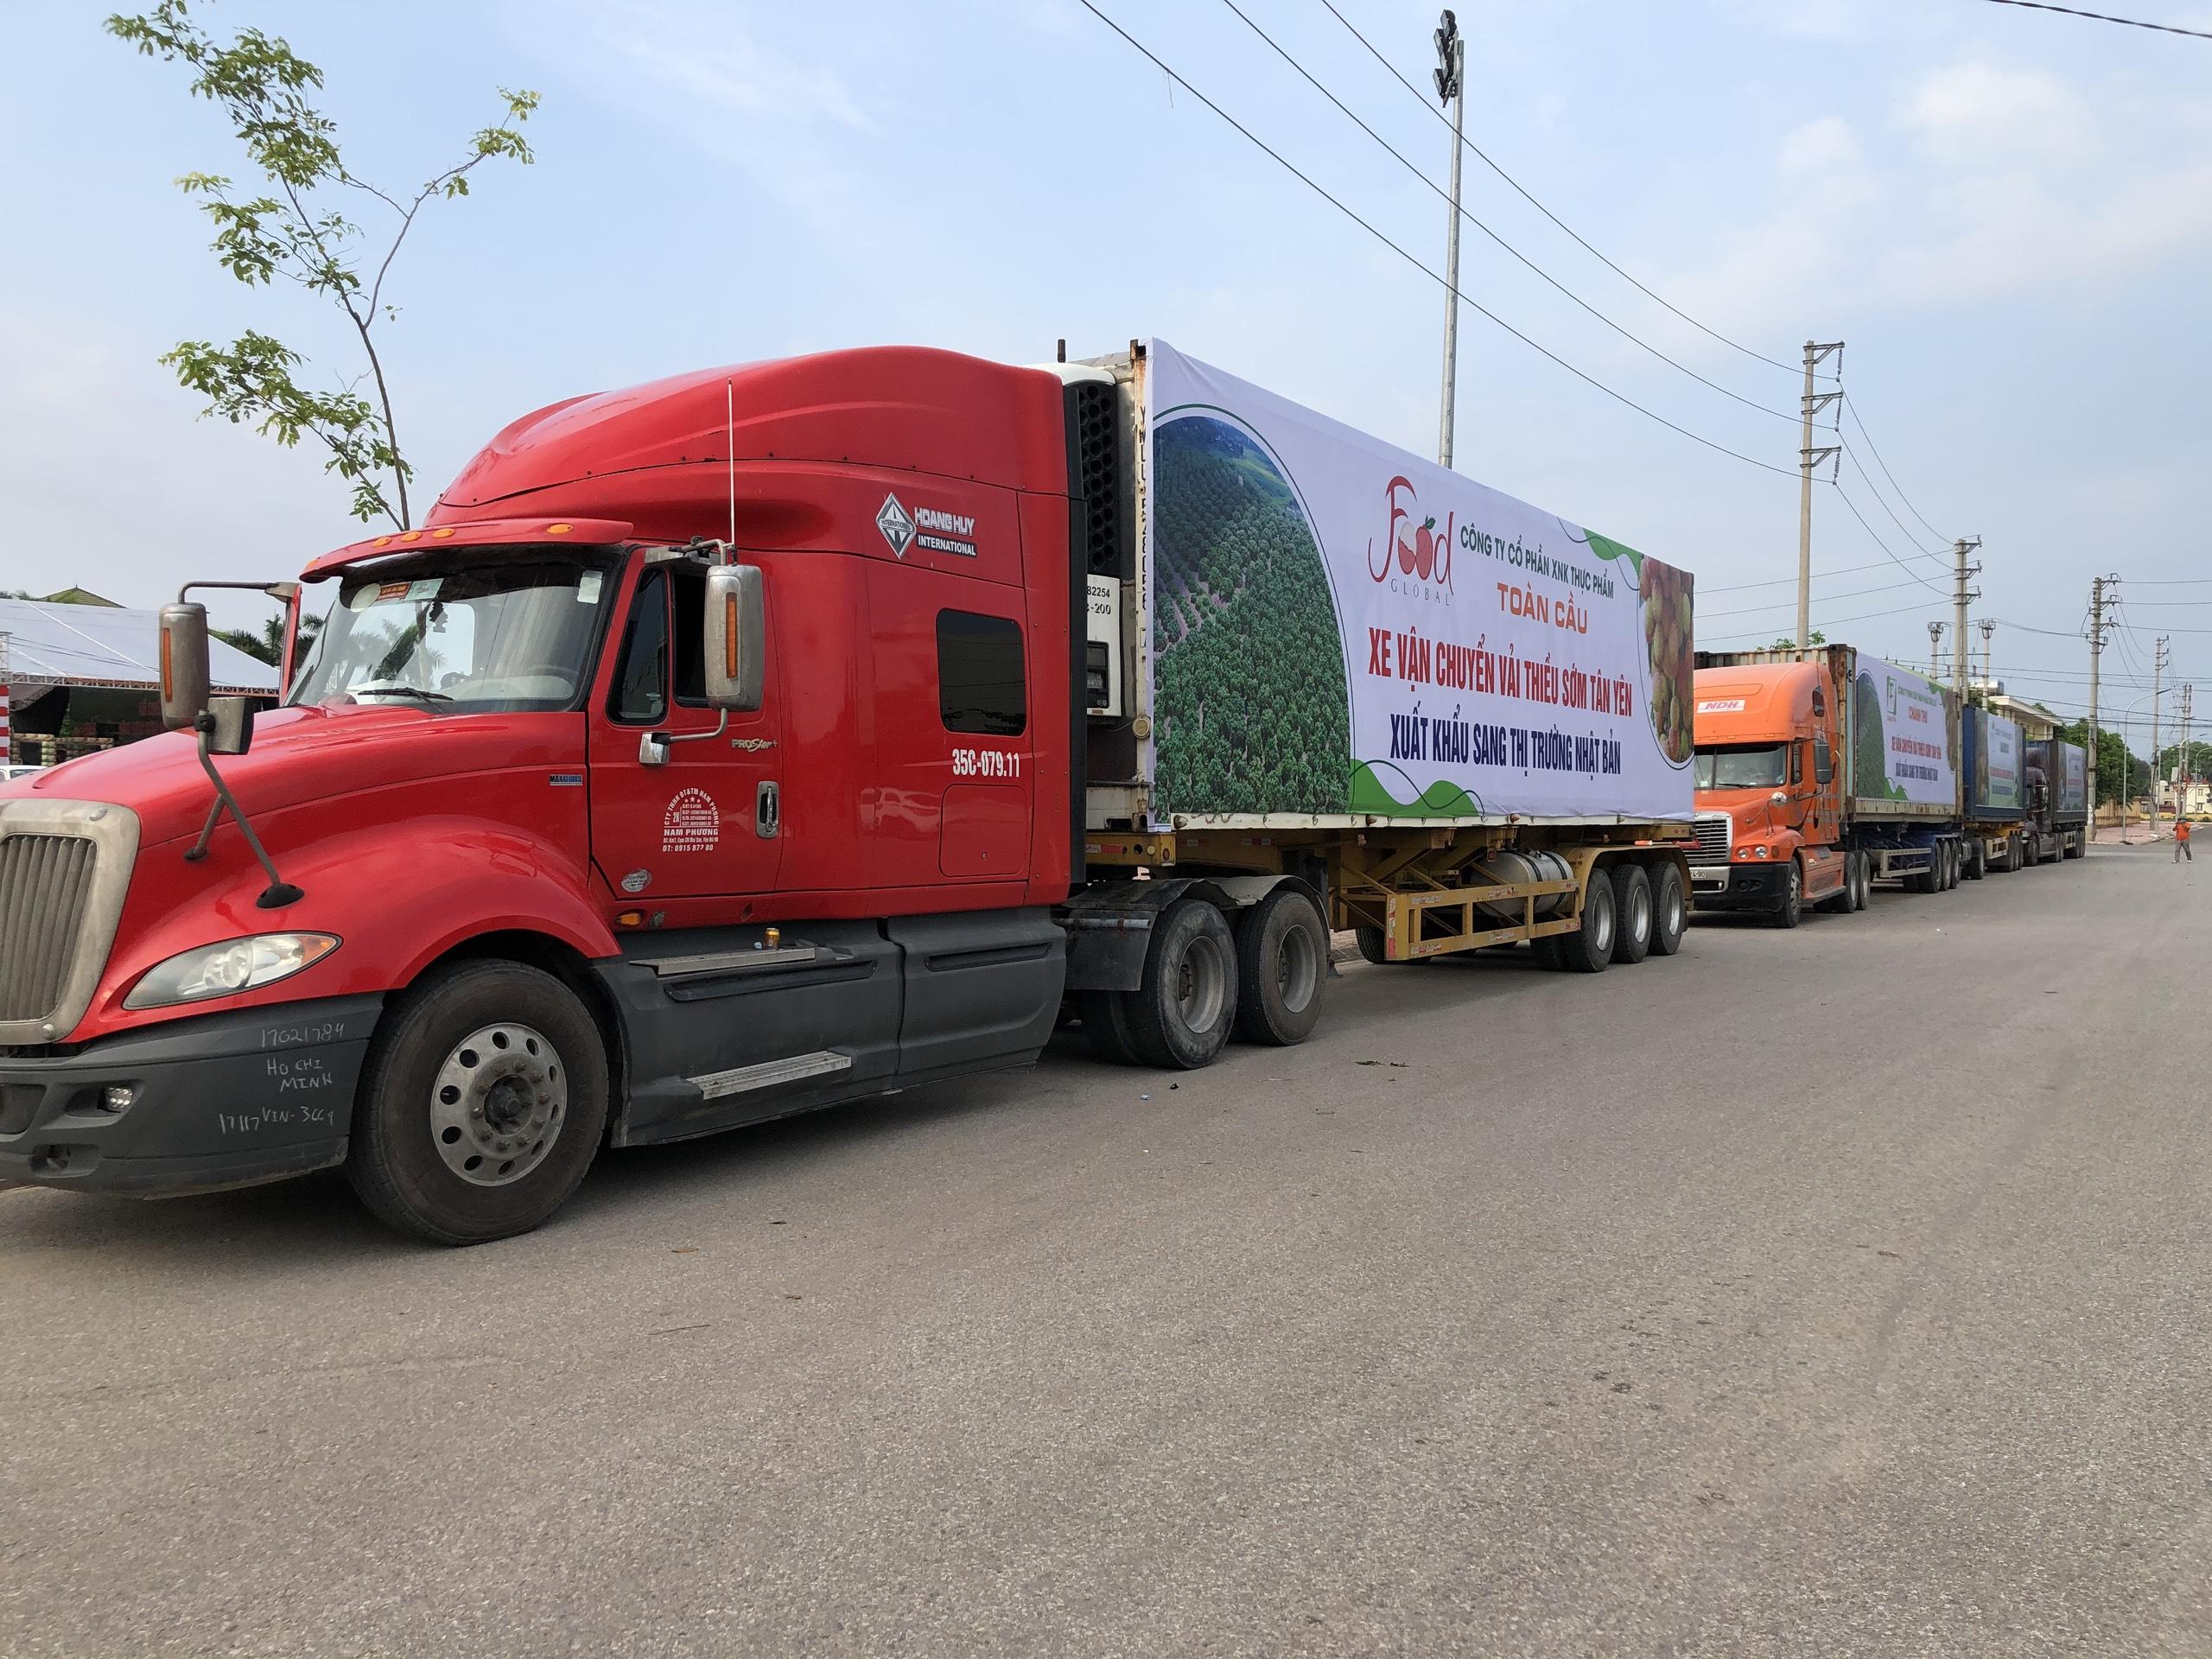 Bắc Giang muốn nhờ VNPT, Viettel gửi tin nhắn mời người dân mua vải thiều - Ảnh 1.